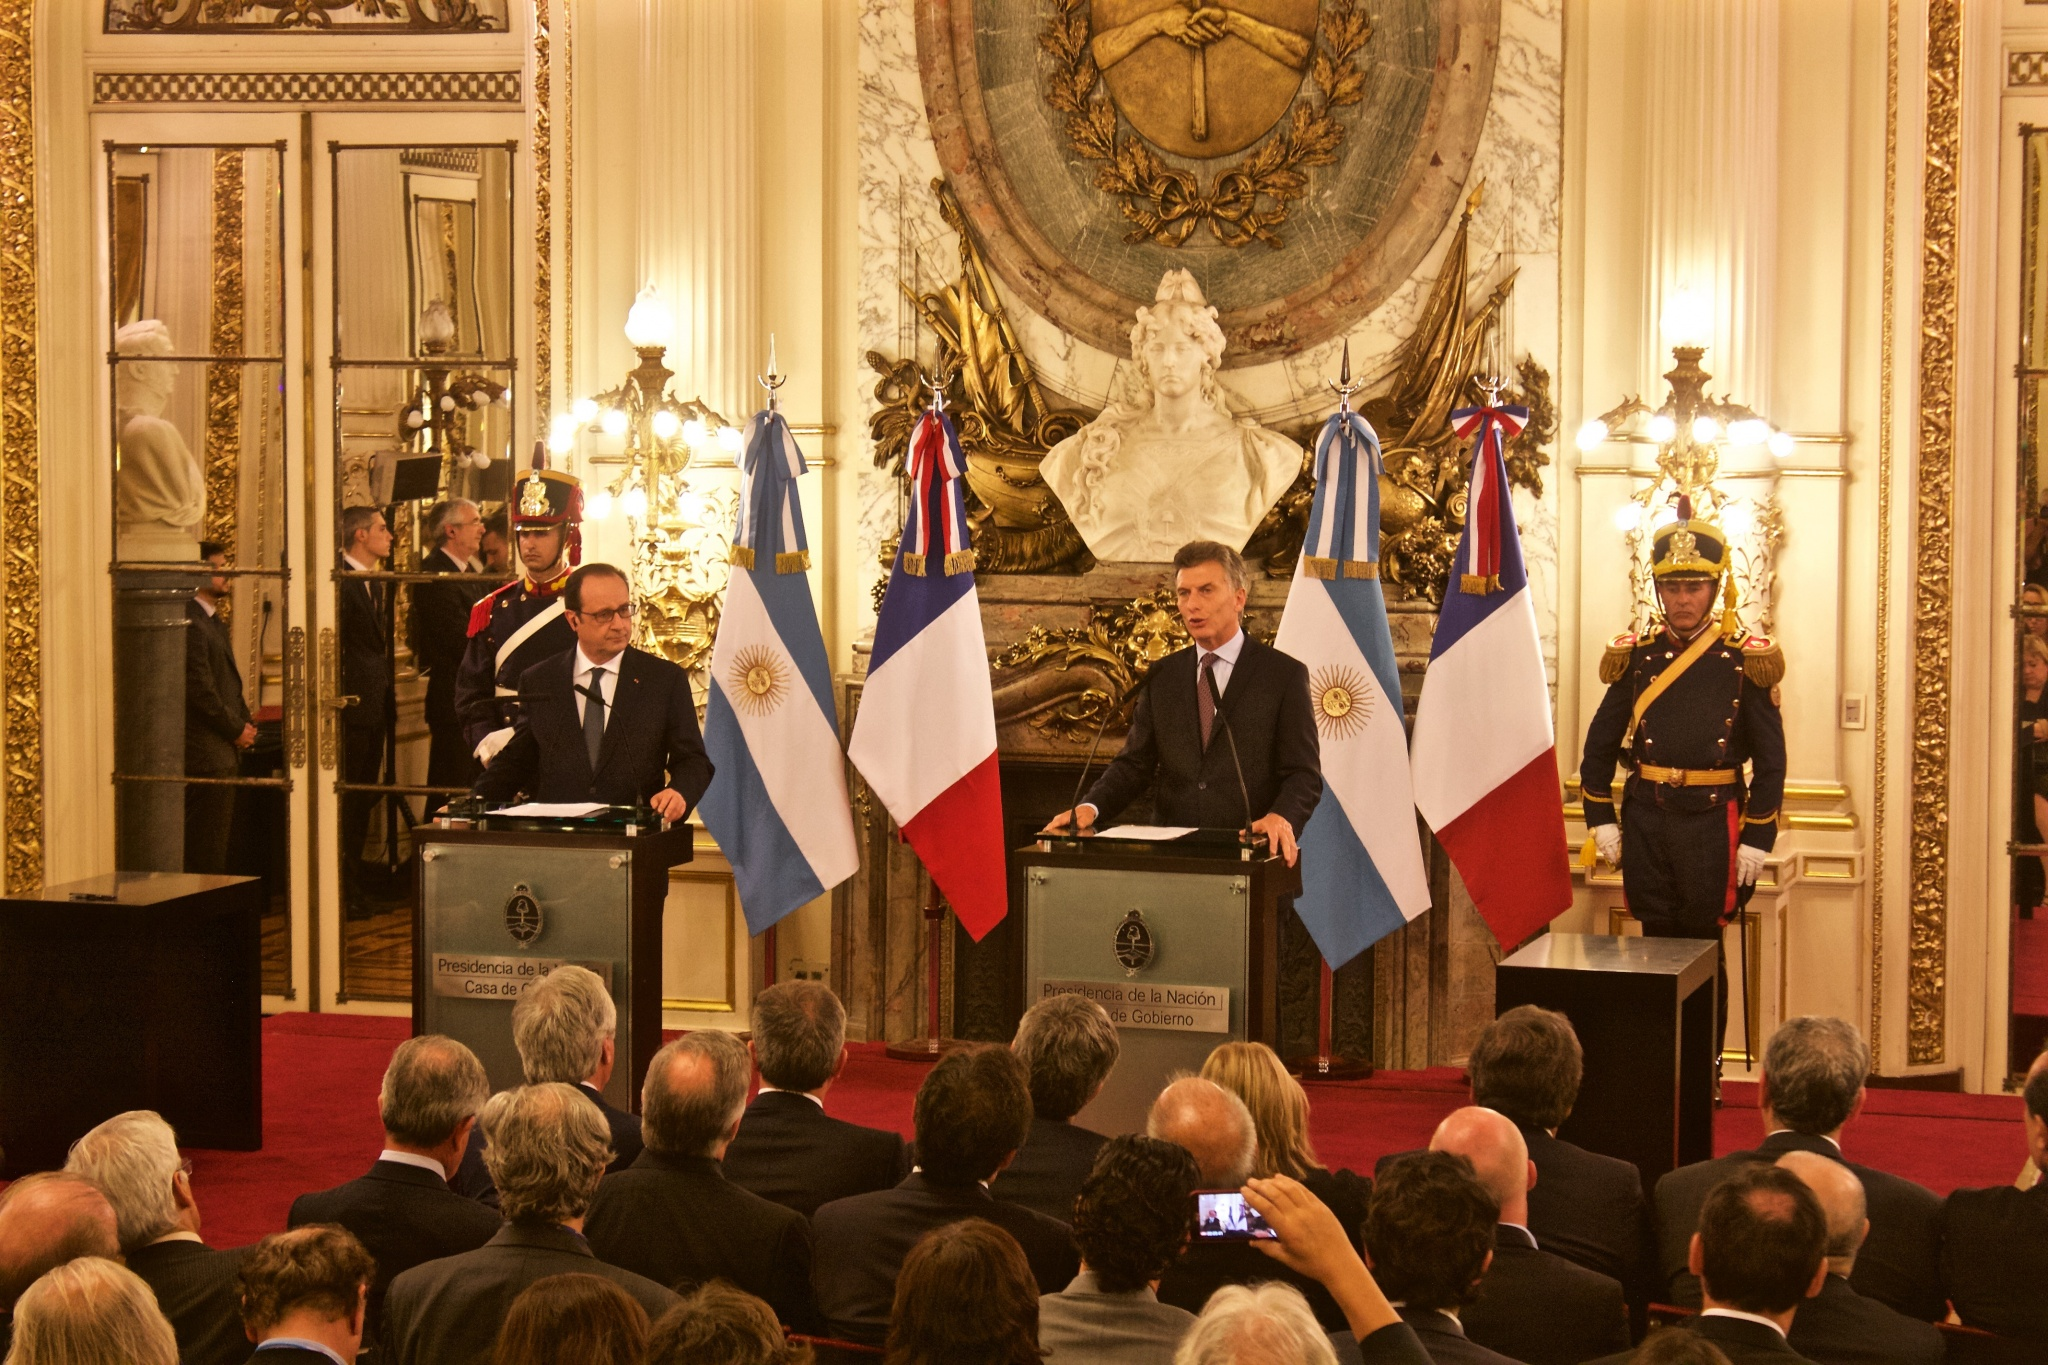 Mauricio Macri lors de son discours à la Casa Rosada (palais présidentiel argentin) pour la venue de François Hollande, dans lequel il évoque notamment « la lutte conjointe de la France et l'Argentine, pour les droits de l'homme ». Crédit photo: Justine Perez.